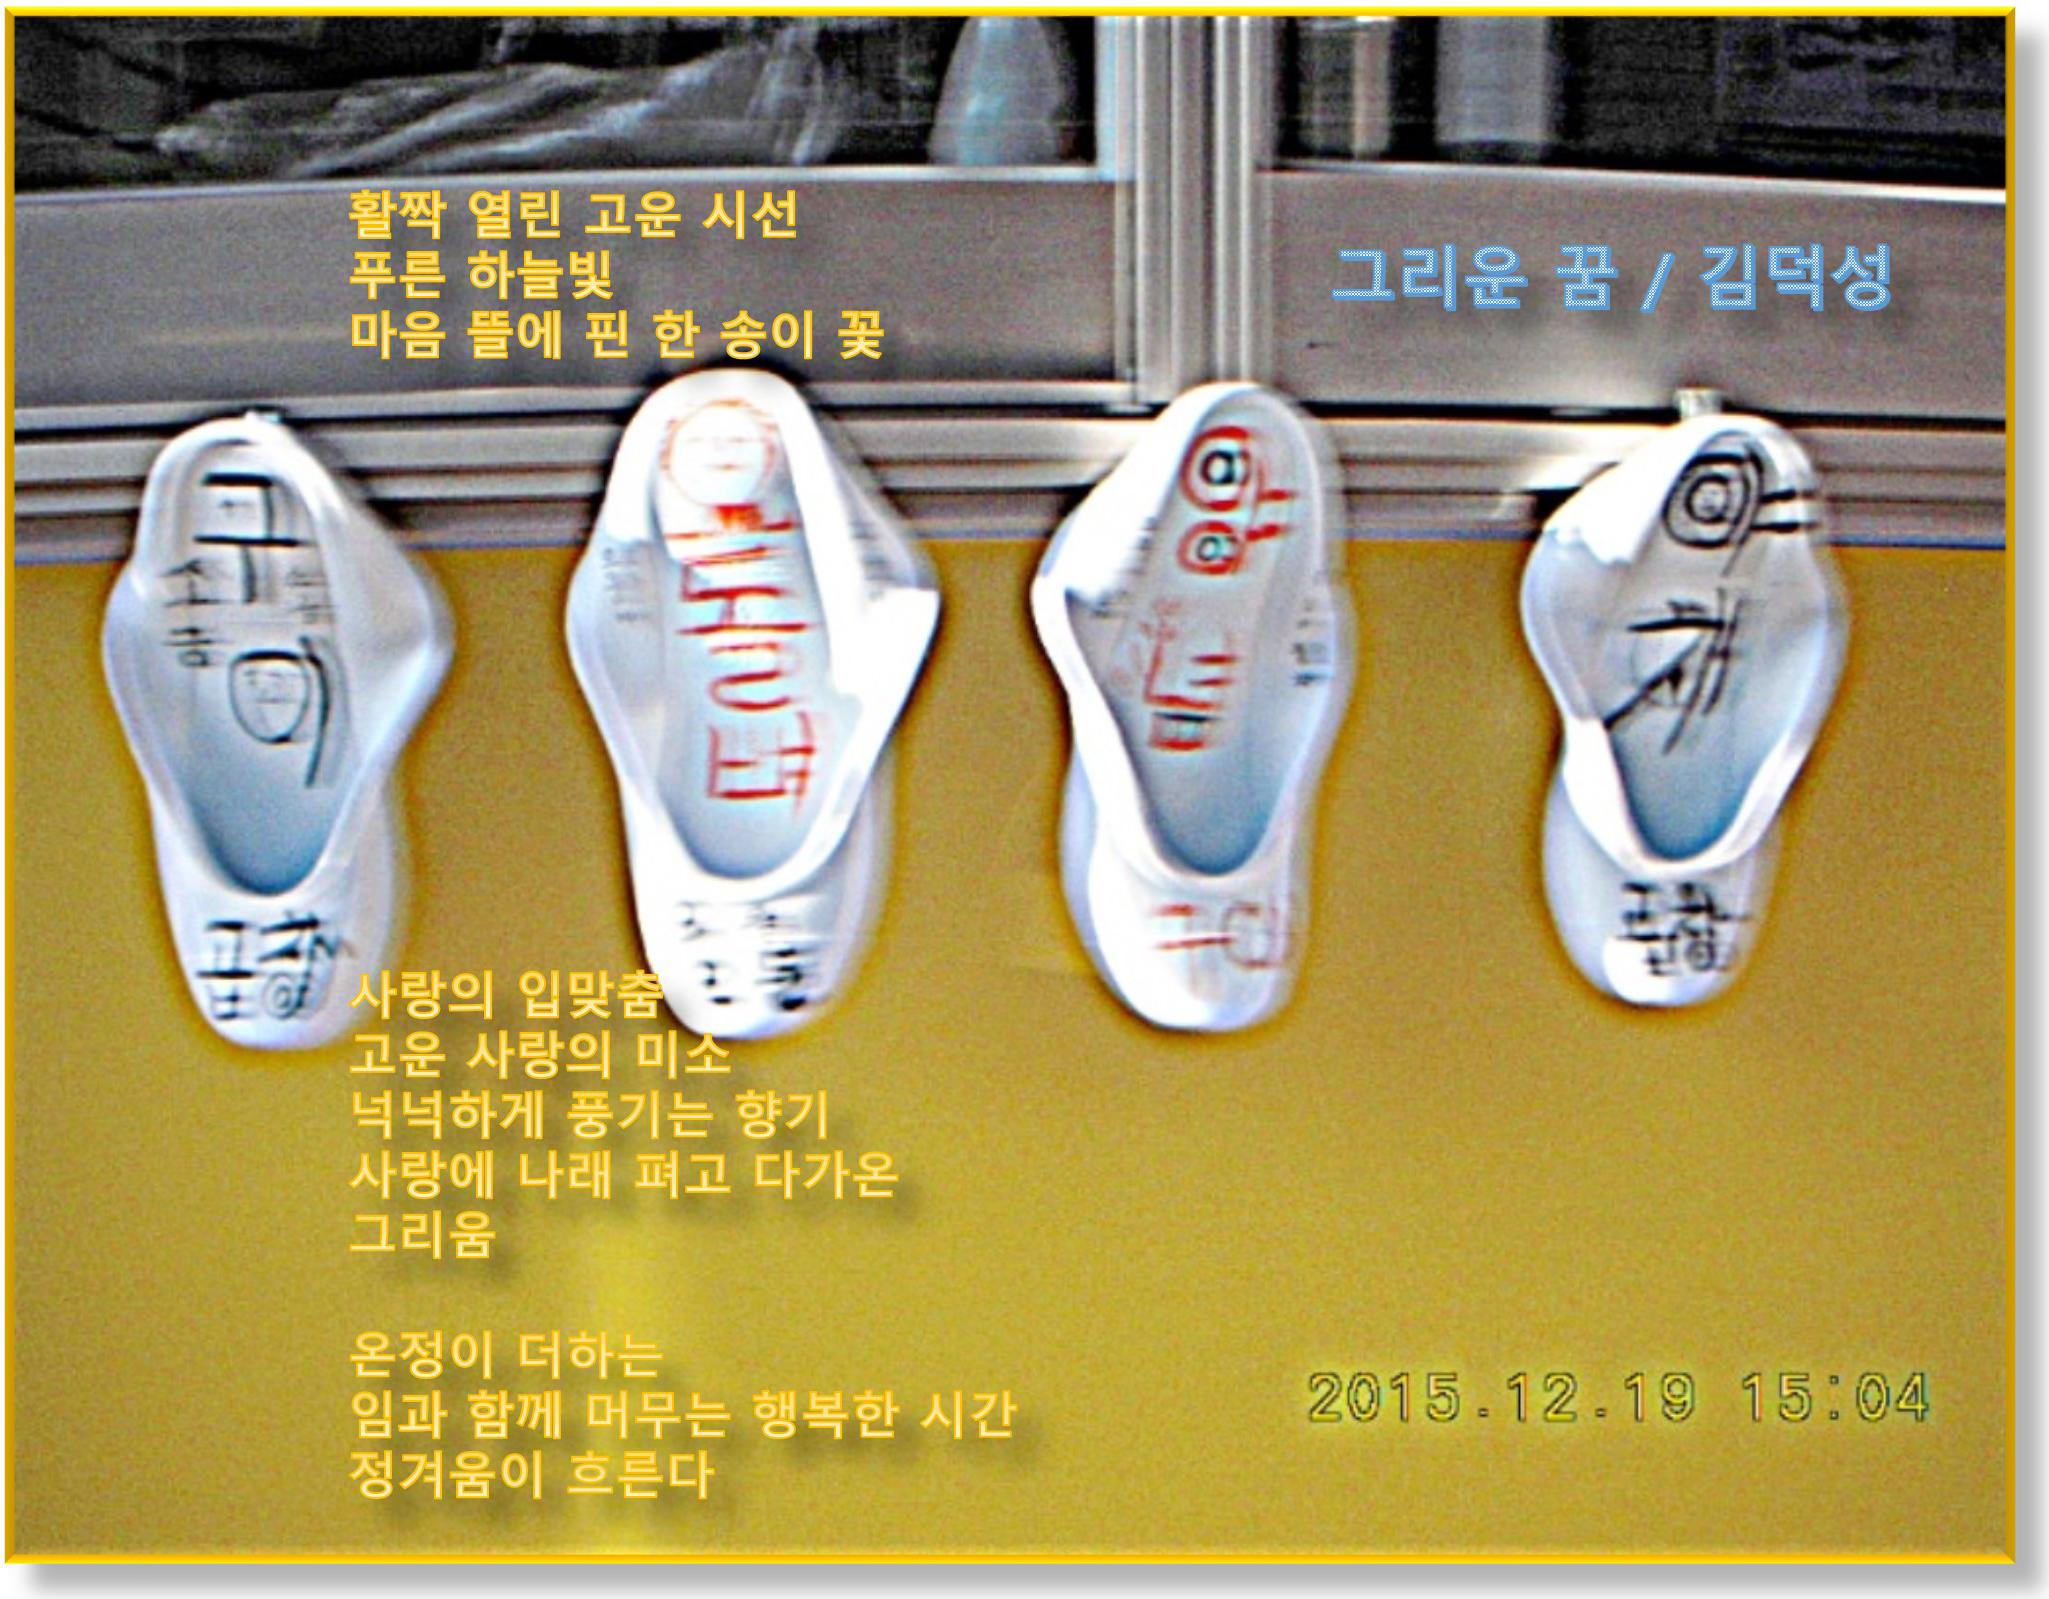 이 글은 파워포인트에서 만든 이미지입니다.  그리운 꿈 / 김덕성